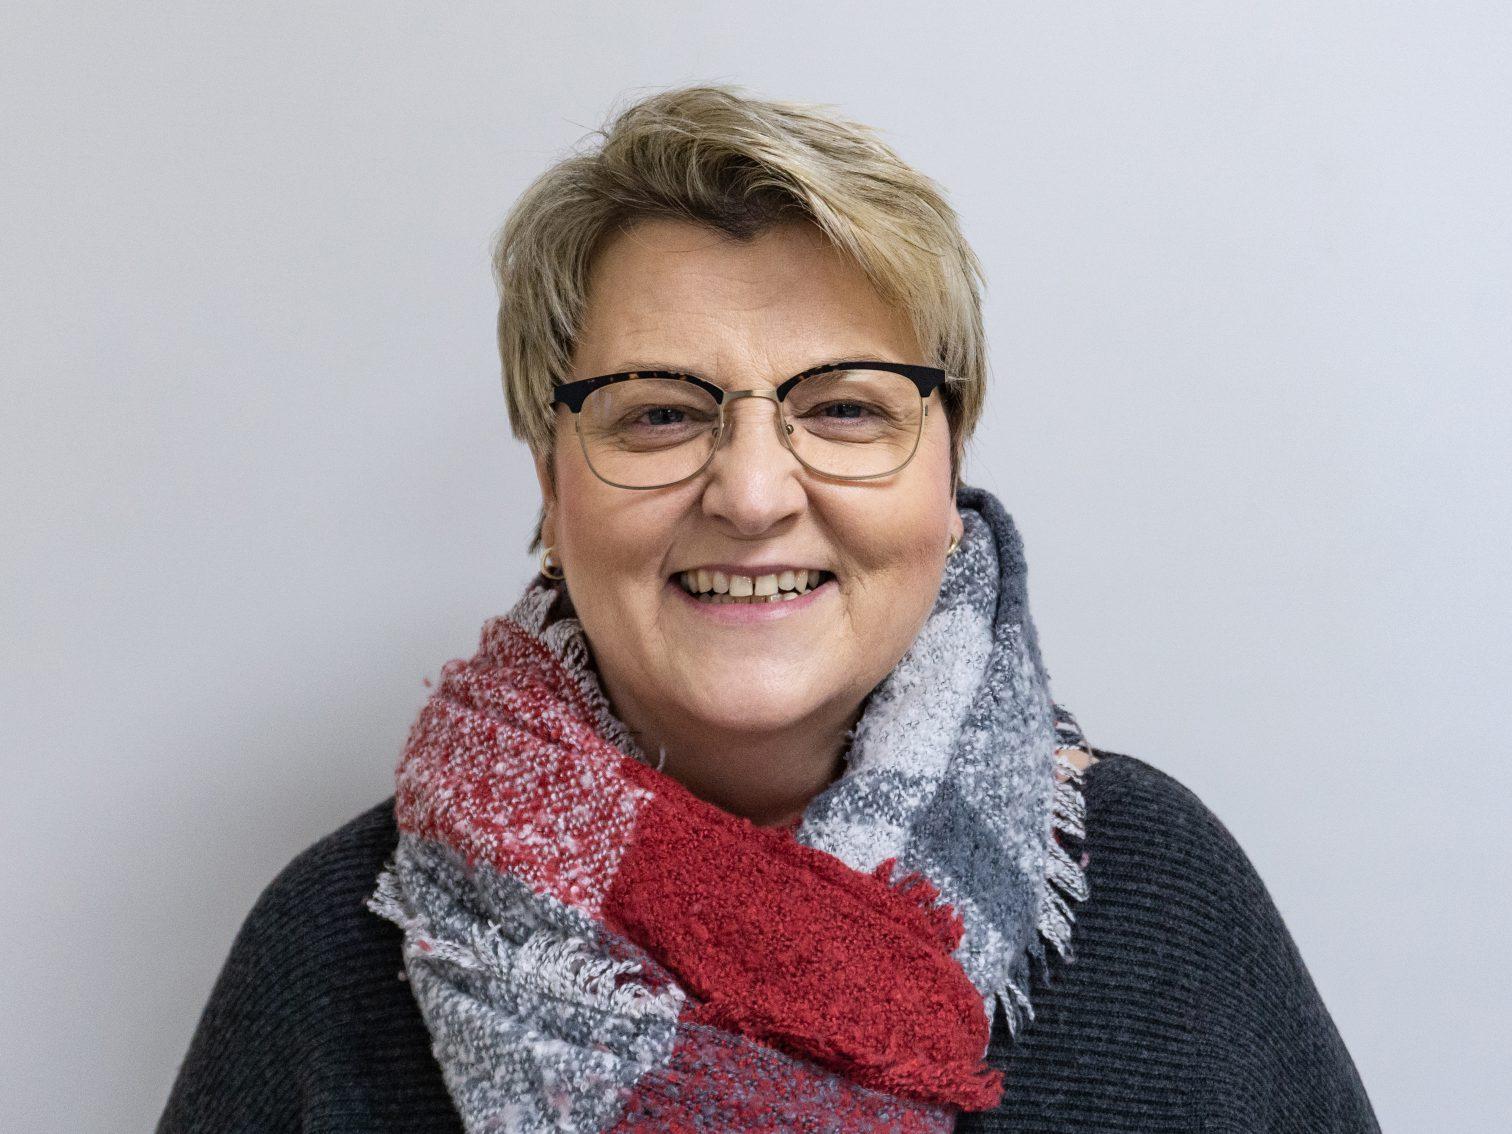 Margit Riemann-Jacobs